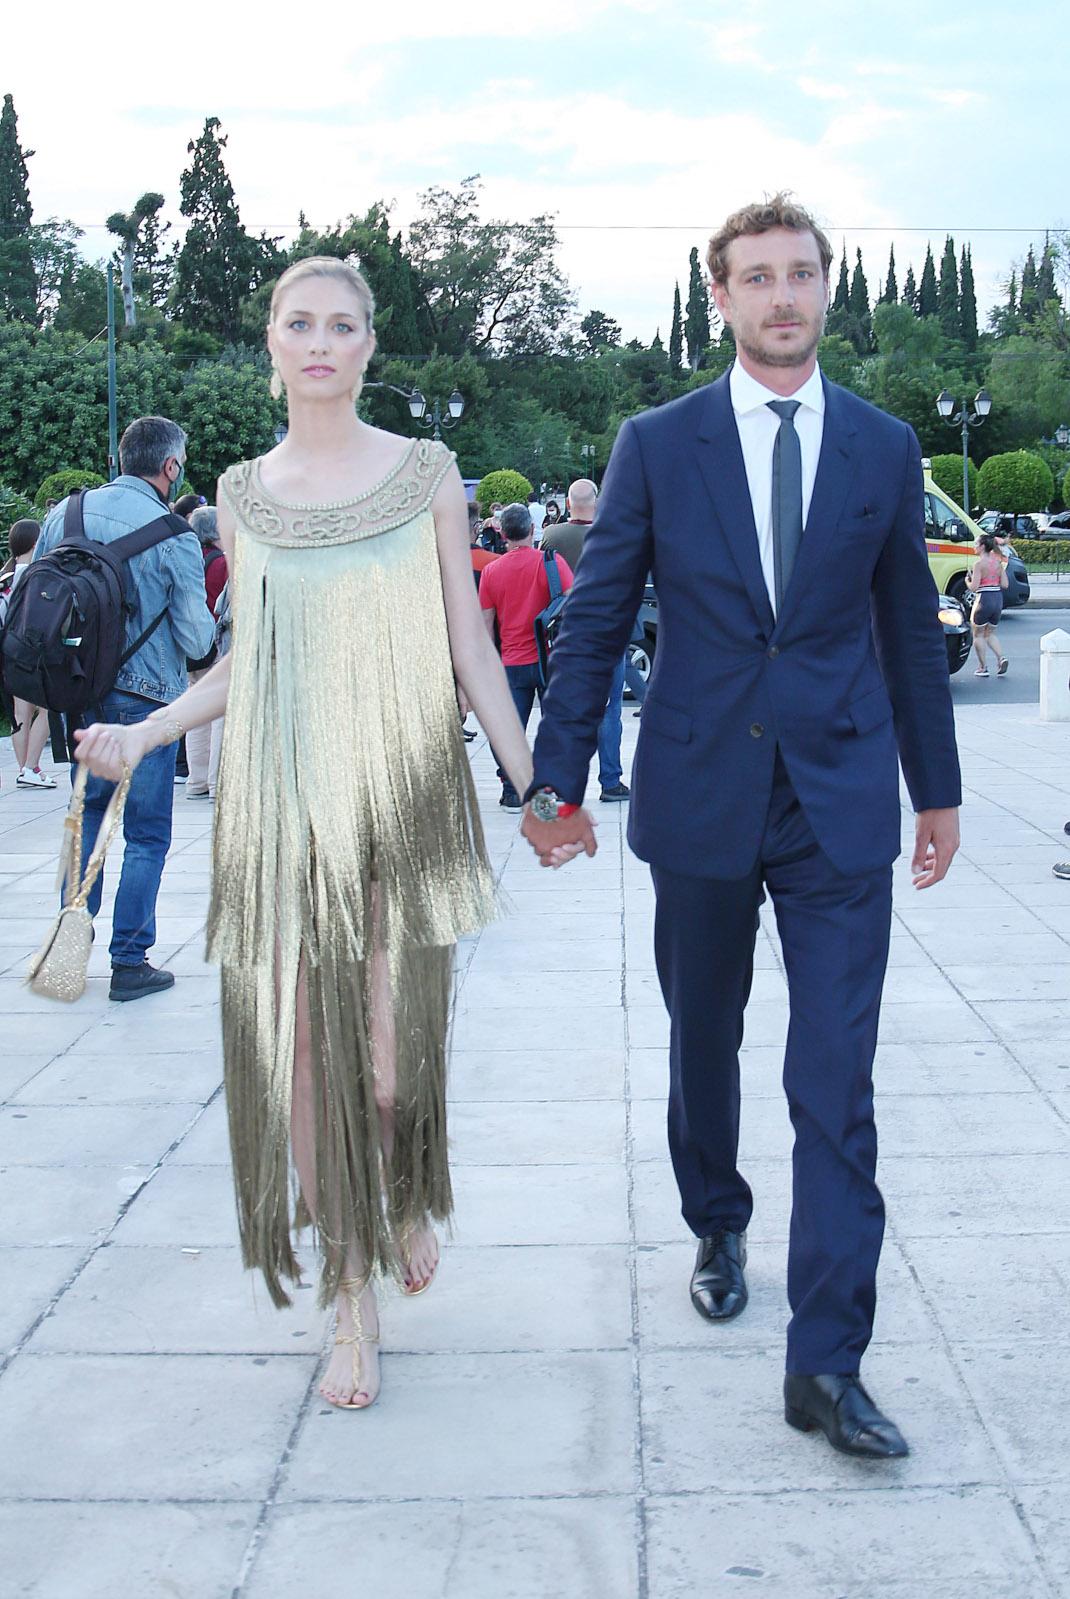 Πιέρ Κασιράγκι και η σύζυγός του, Μπεατρίς Μπορομέο